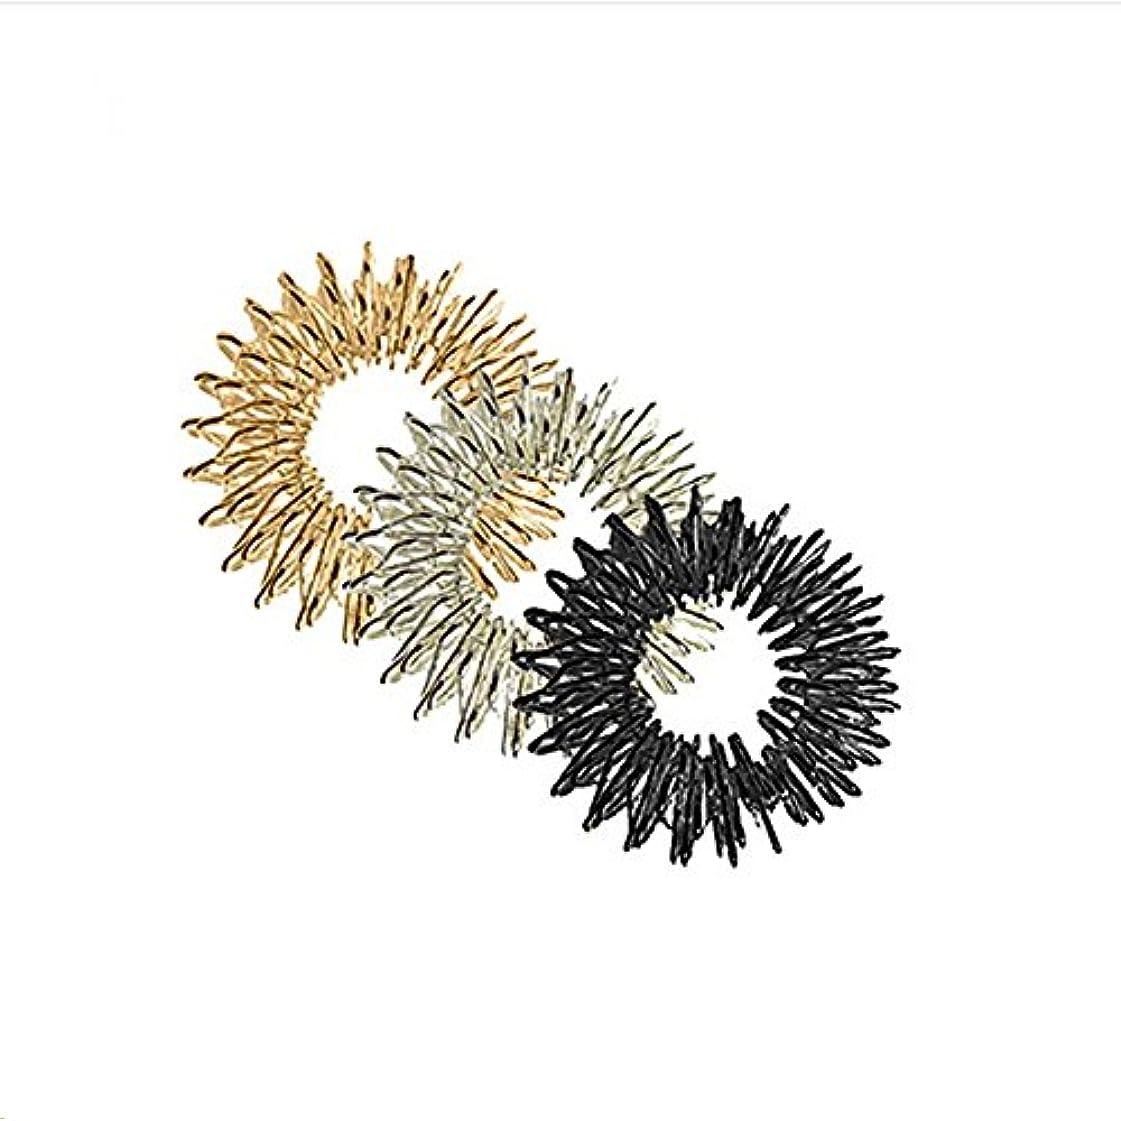 同等のロッジ王子ROSENICE 指圧リングマッサージリング3本指圧マッサージリング(ゴールド+シルバー+ブラック)